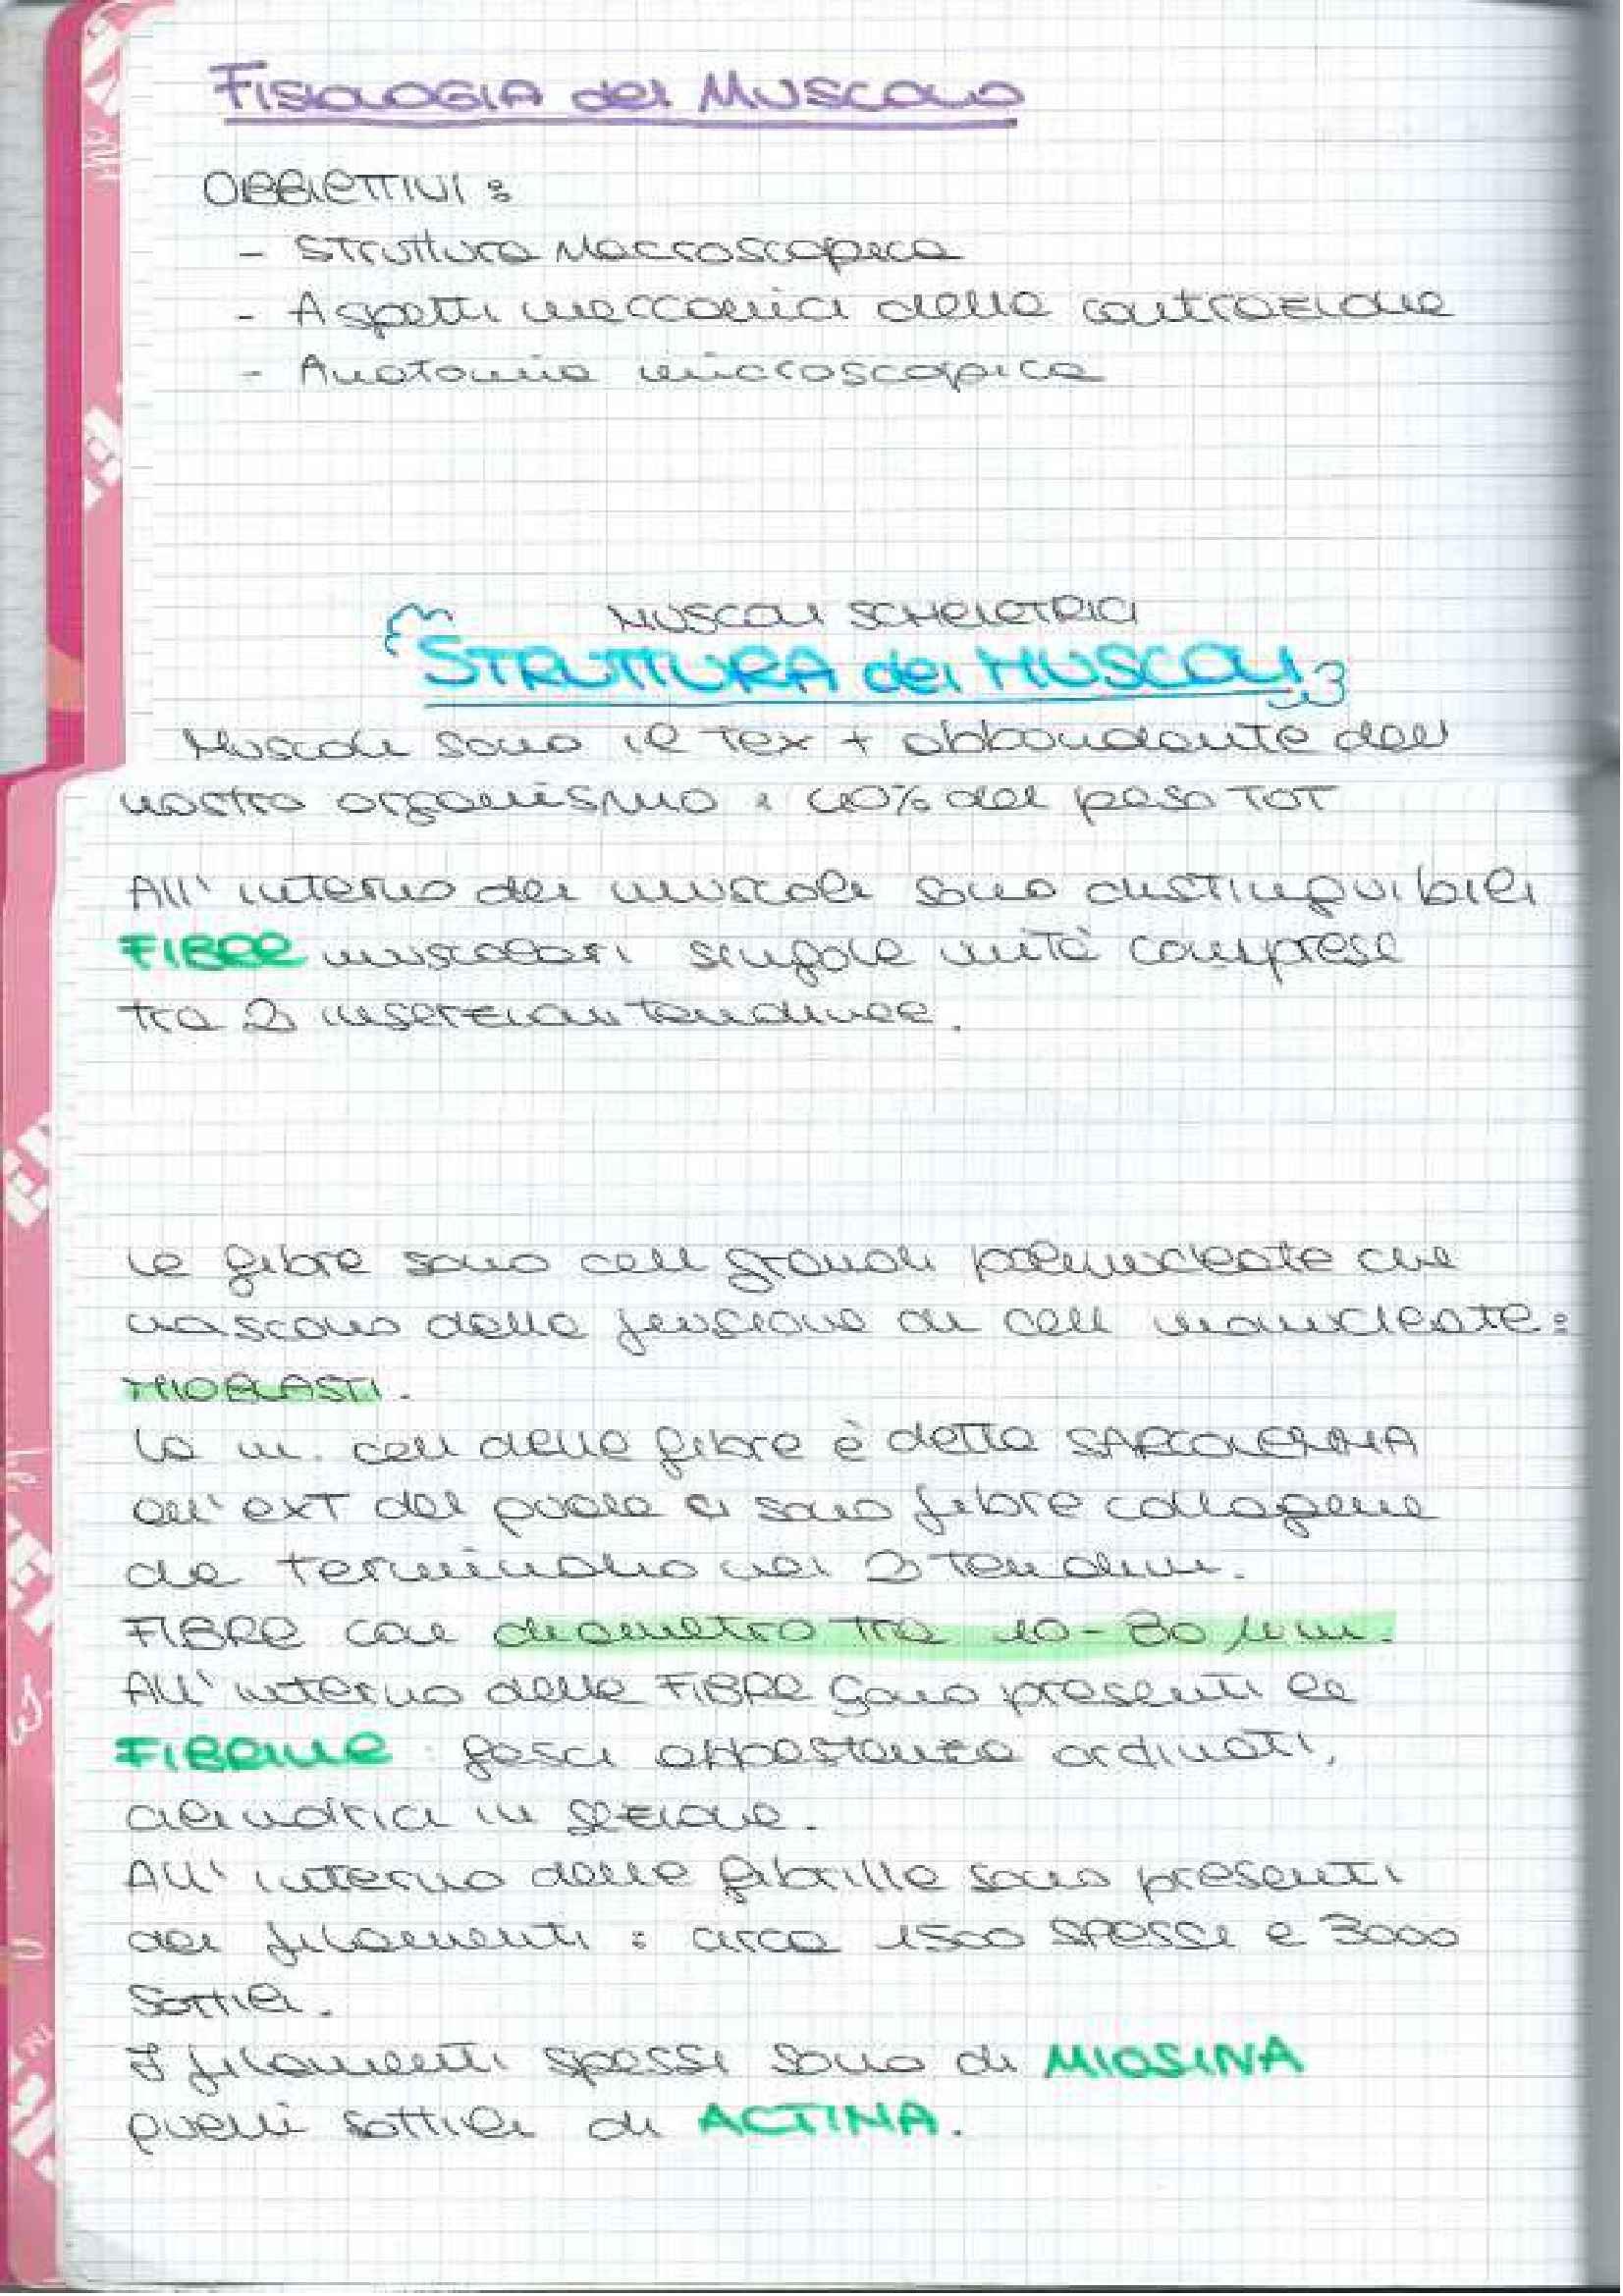 Fisiologia dei sistemi - Appunti Pag. 2